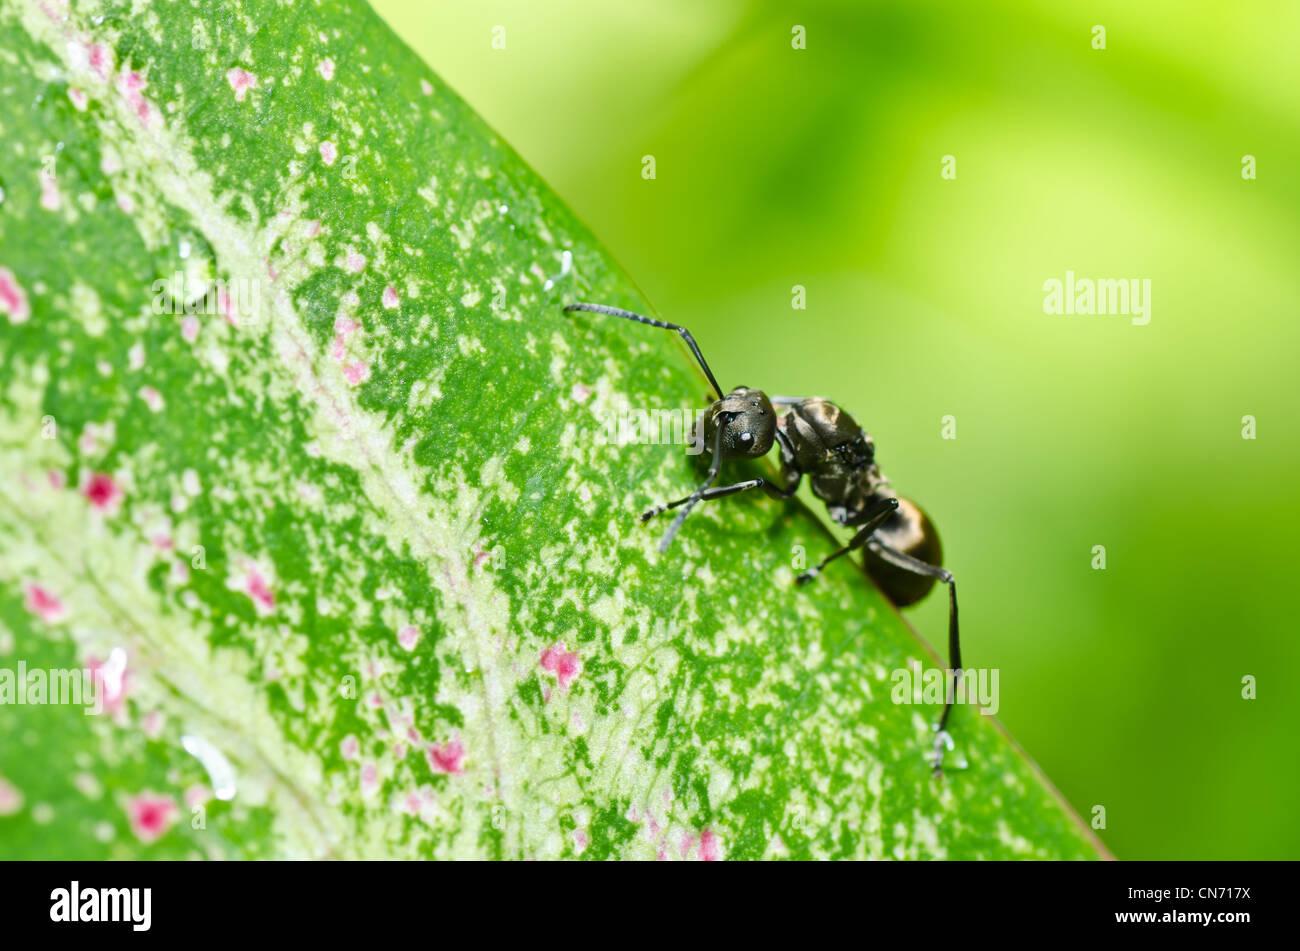 Schwarze Ameise in grüner Natur oder im Garten Stockbild